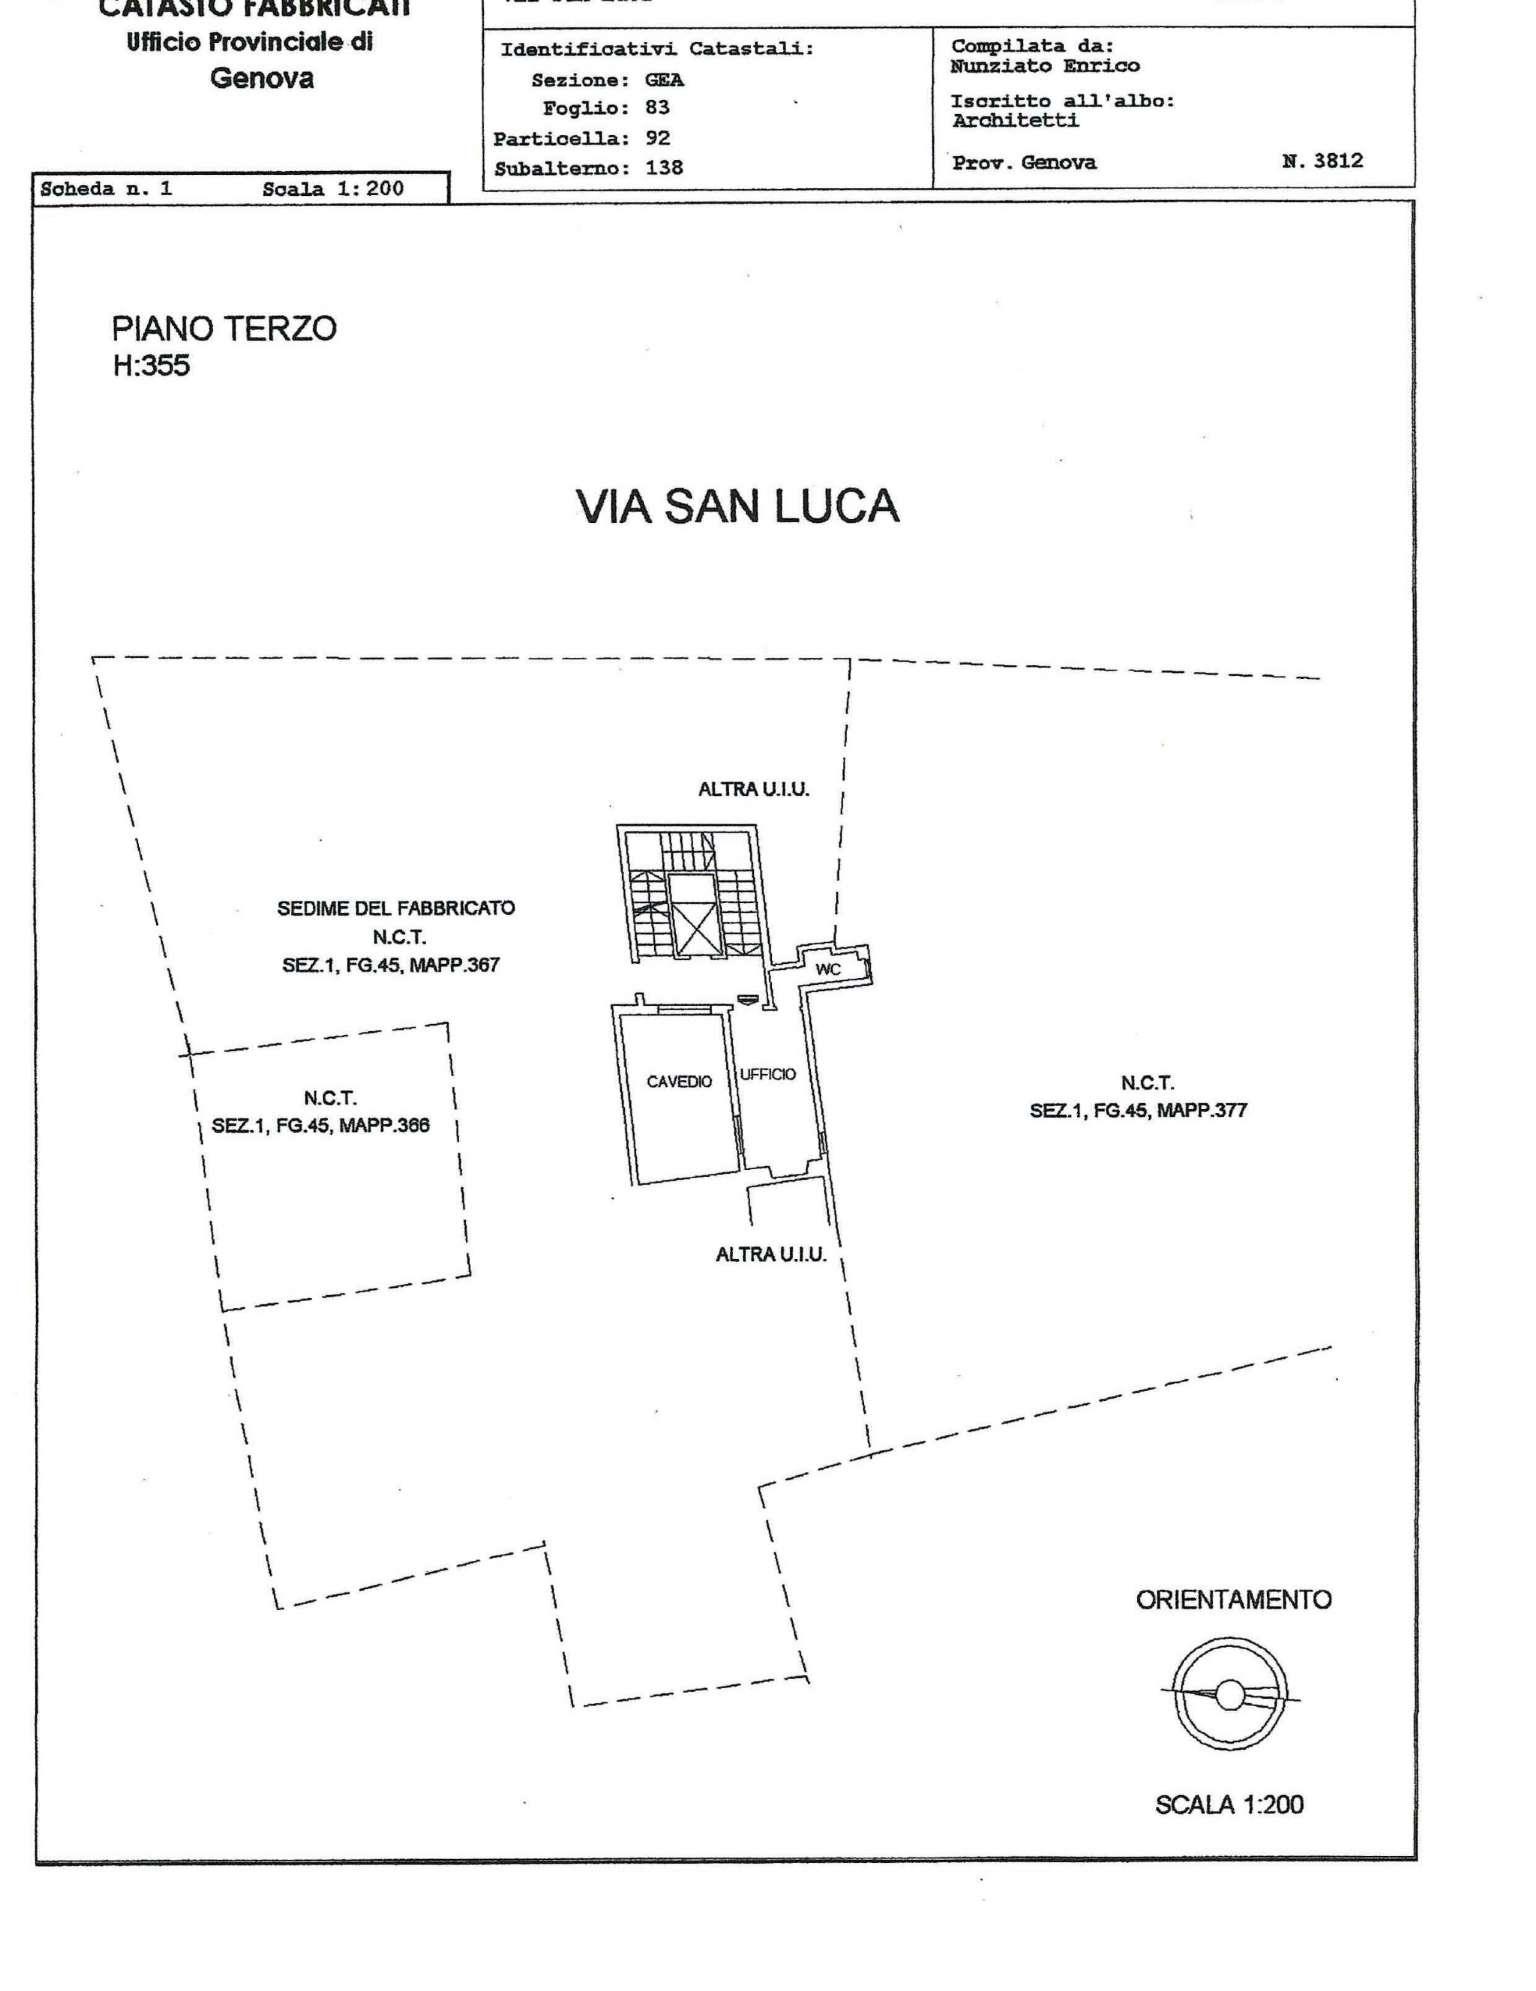 Appartamento in vendita a Genova, 2 locali, zona Zona: 1 . Centro, Centro Storico, prezzo € 26.000 | CambioCasa.it